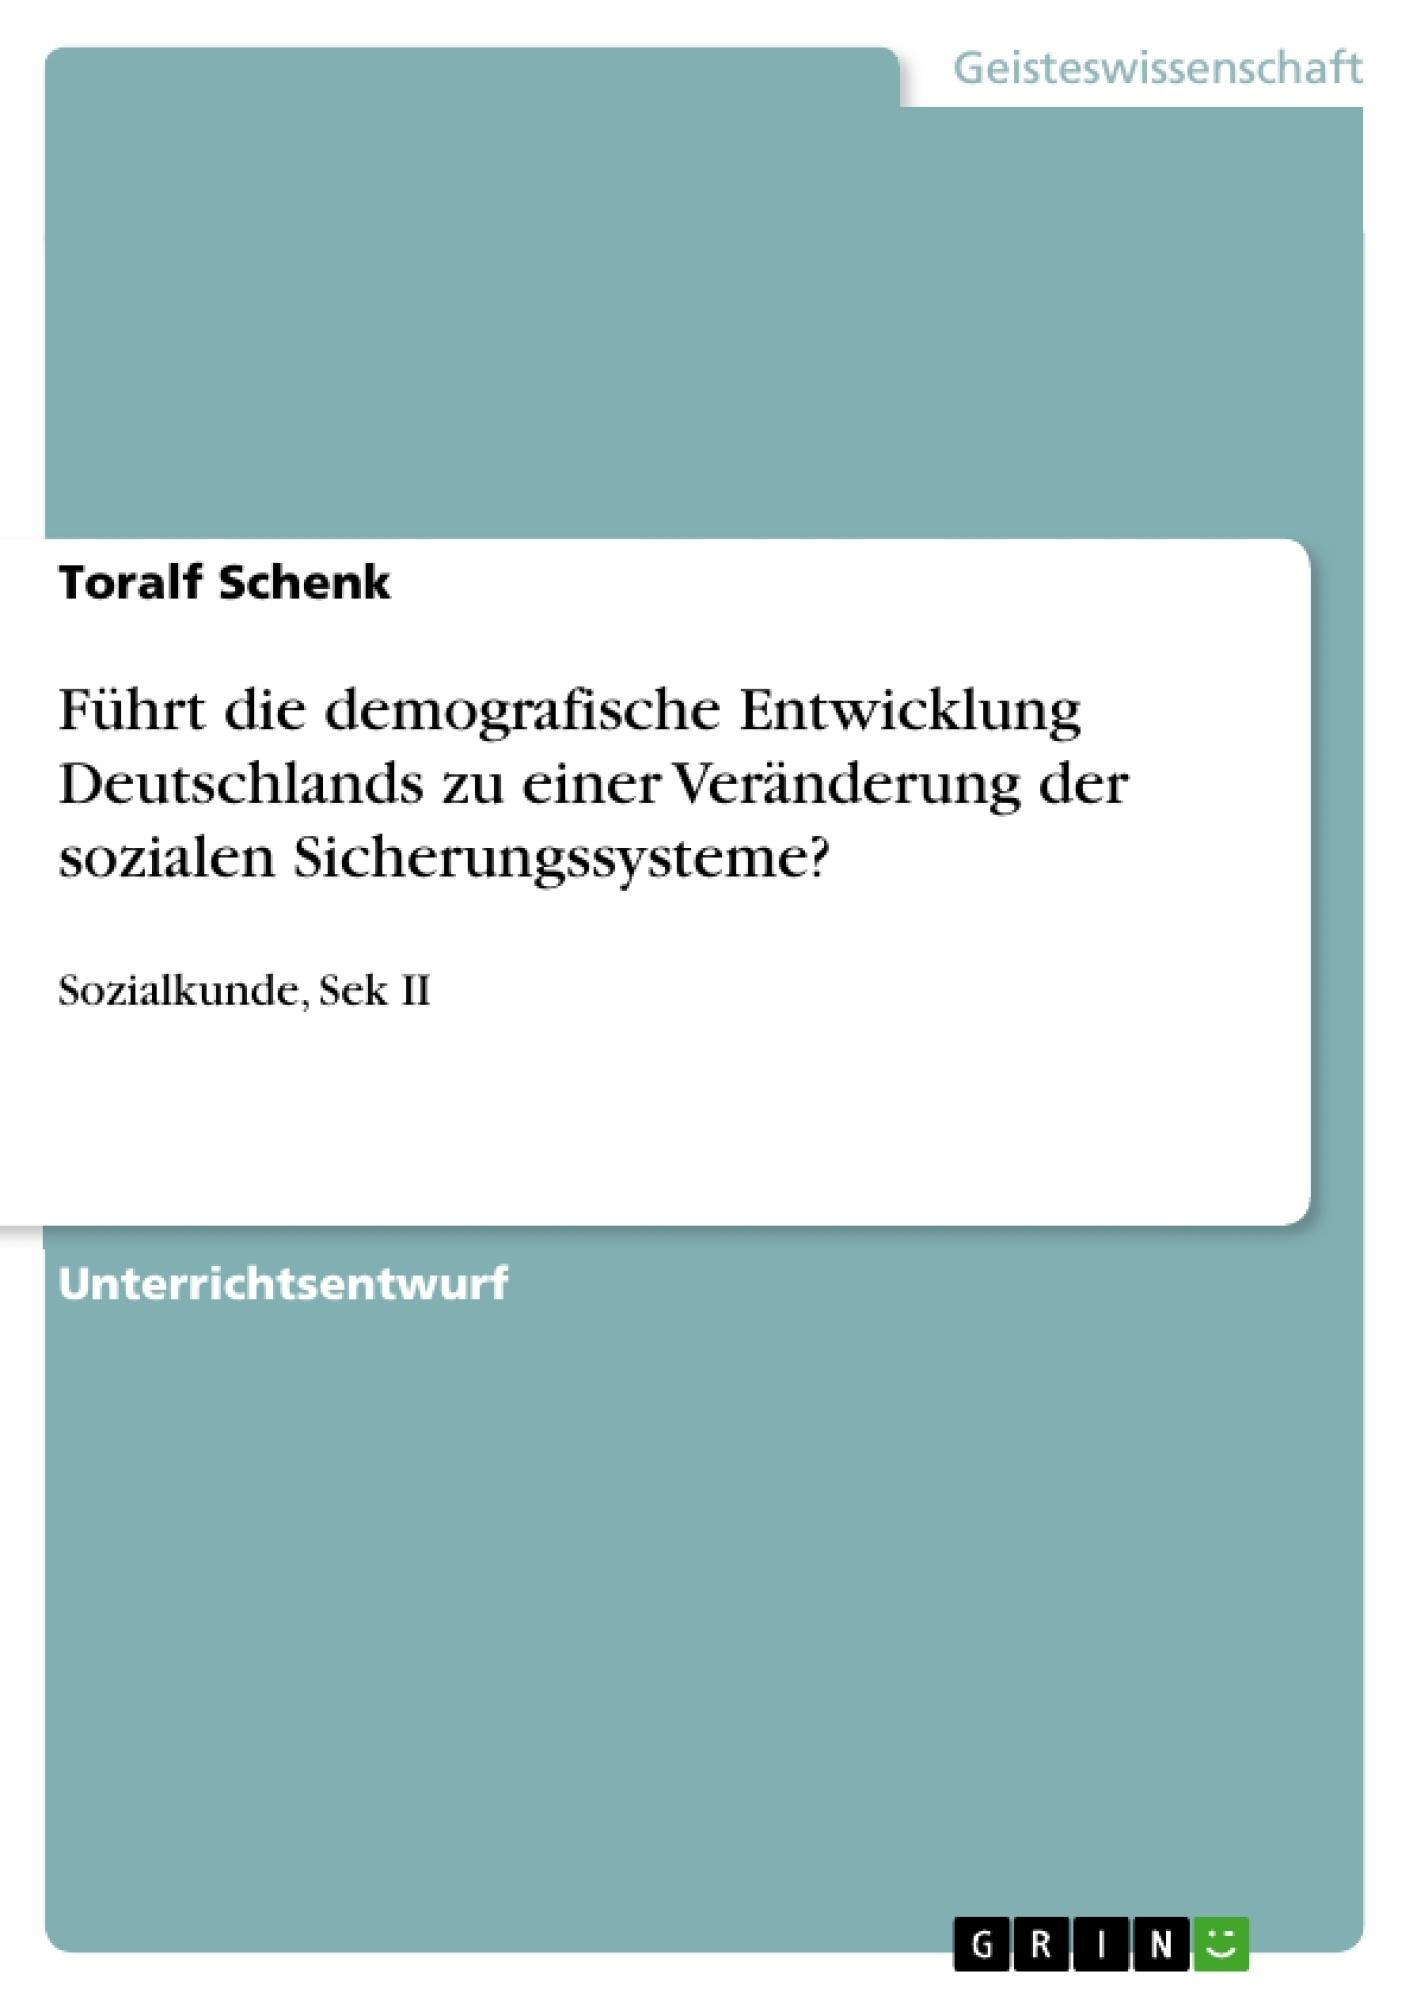 Titel: Führt die demografische Entwicklung Deutschlands zu einer Veränderung der sozialen Sicherungssysteme?